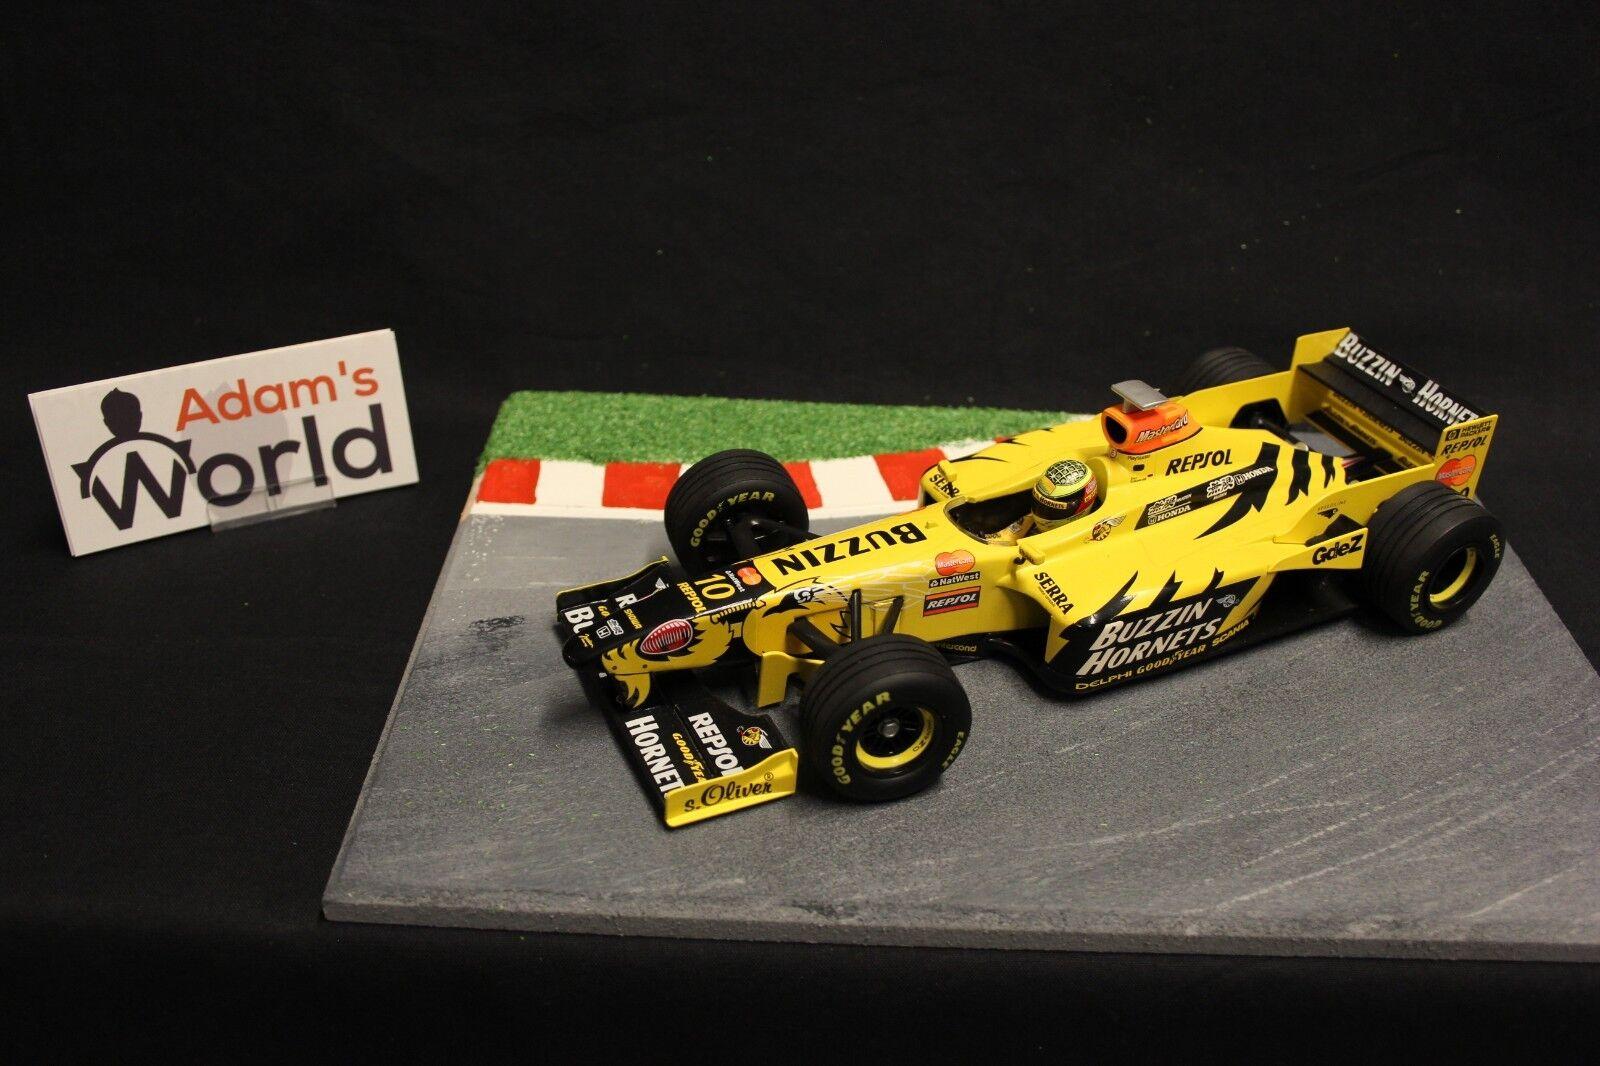 Envio gratis en todas las ordenes Minichamps Jordan Mugen Honda 198 1999 1 18    10 Ralf Schumacher (GER) (F1NB)  descuento de ventas en línea